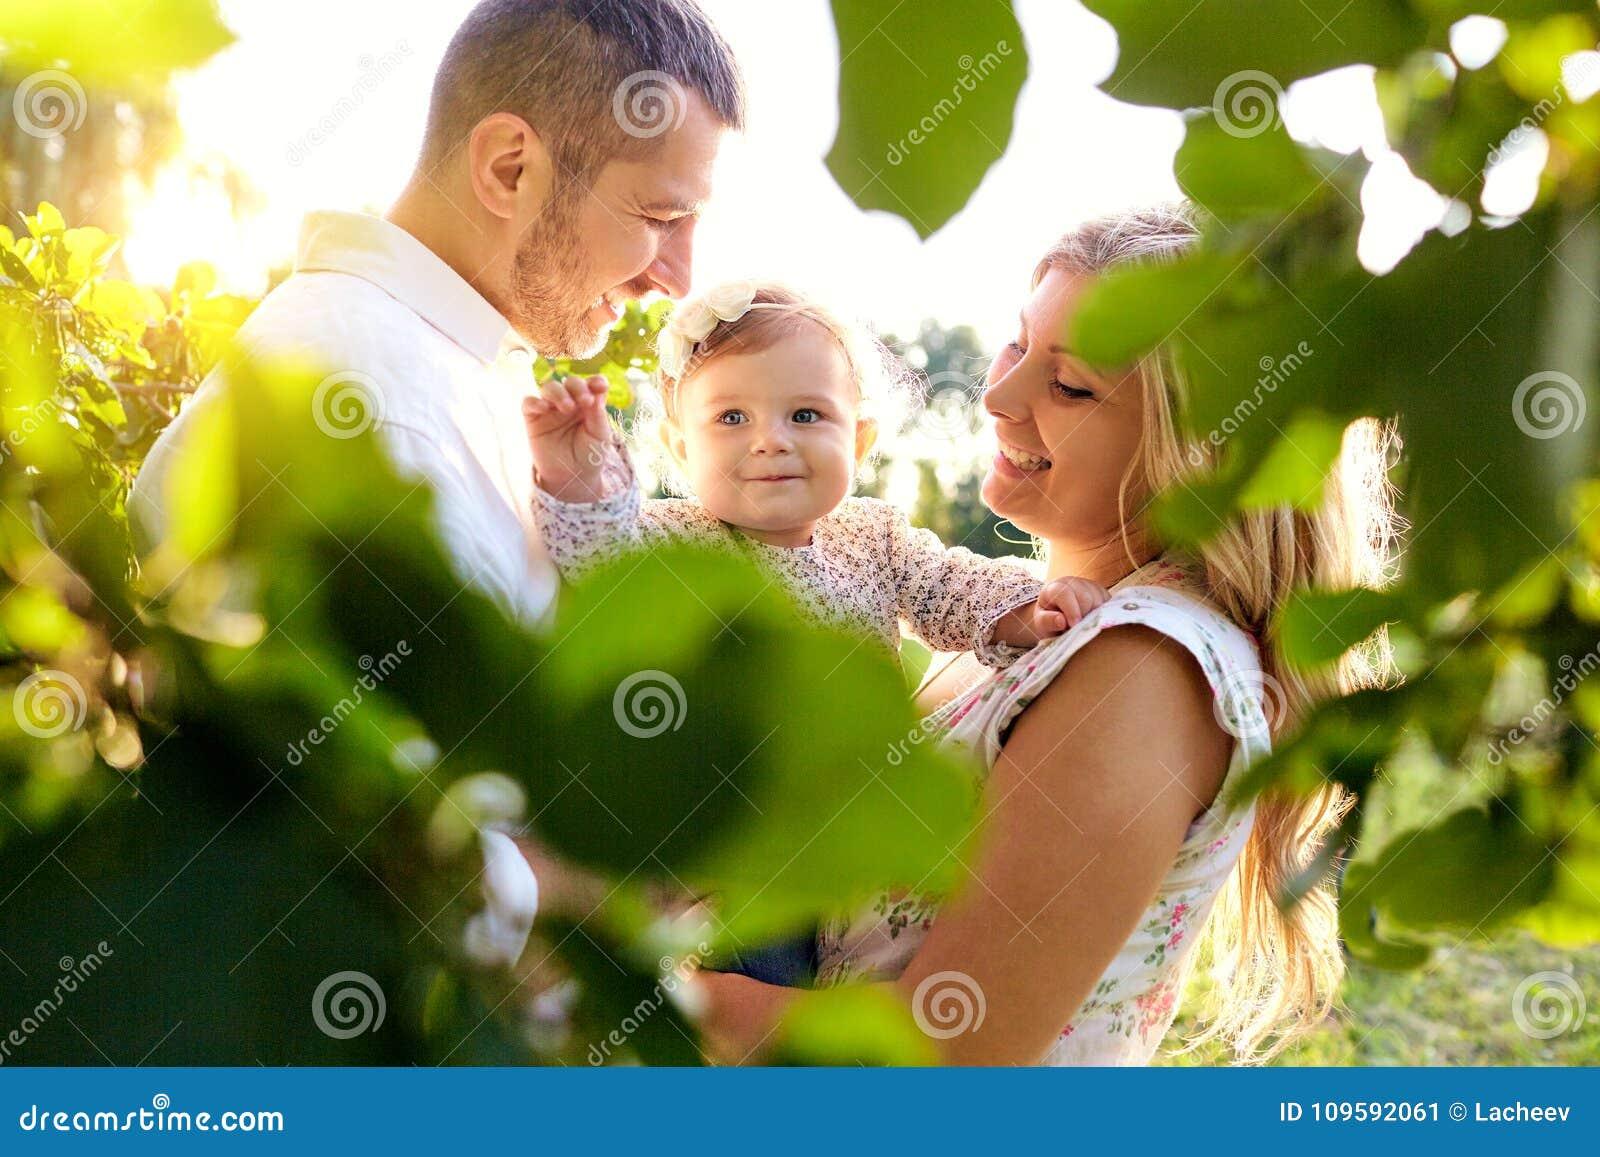 Ευτυχής οικογένεια σε ένα πάρκο το καλοκαίρι